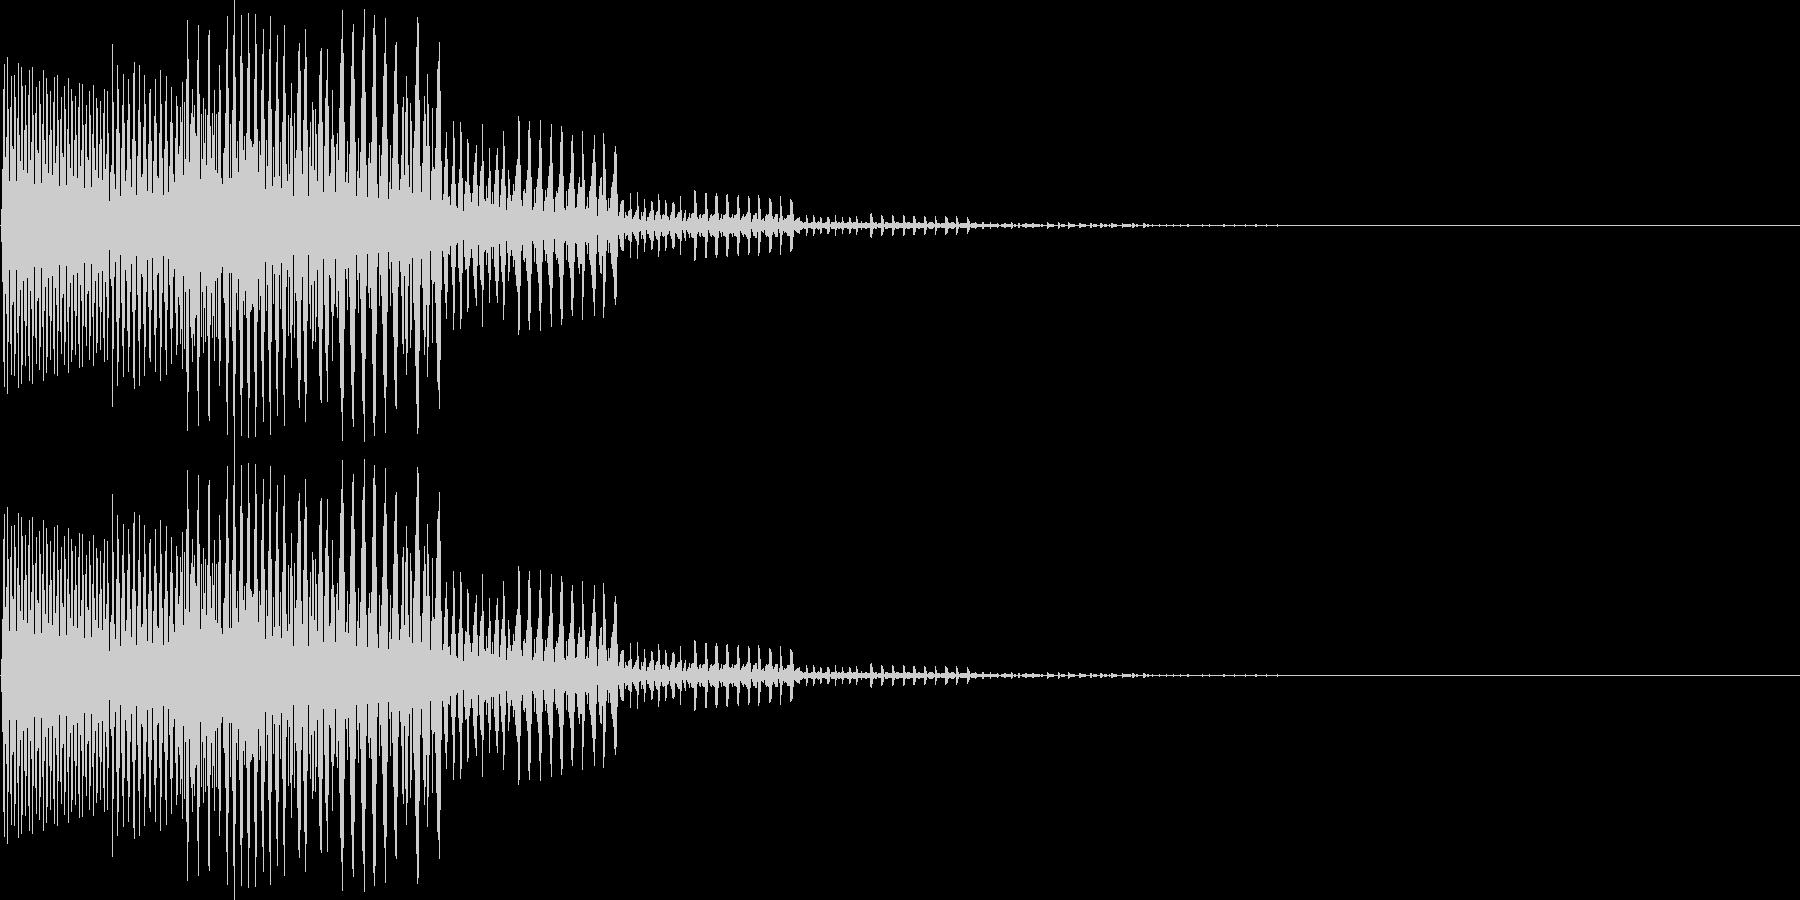 ピロロン低音(キャンセル、ミス、残念)の未再生の波形